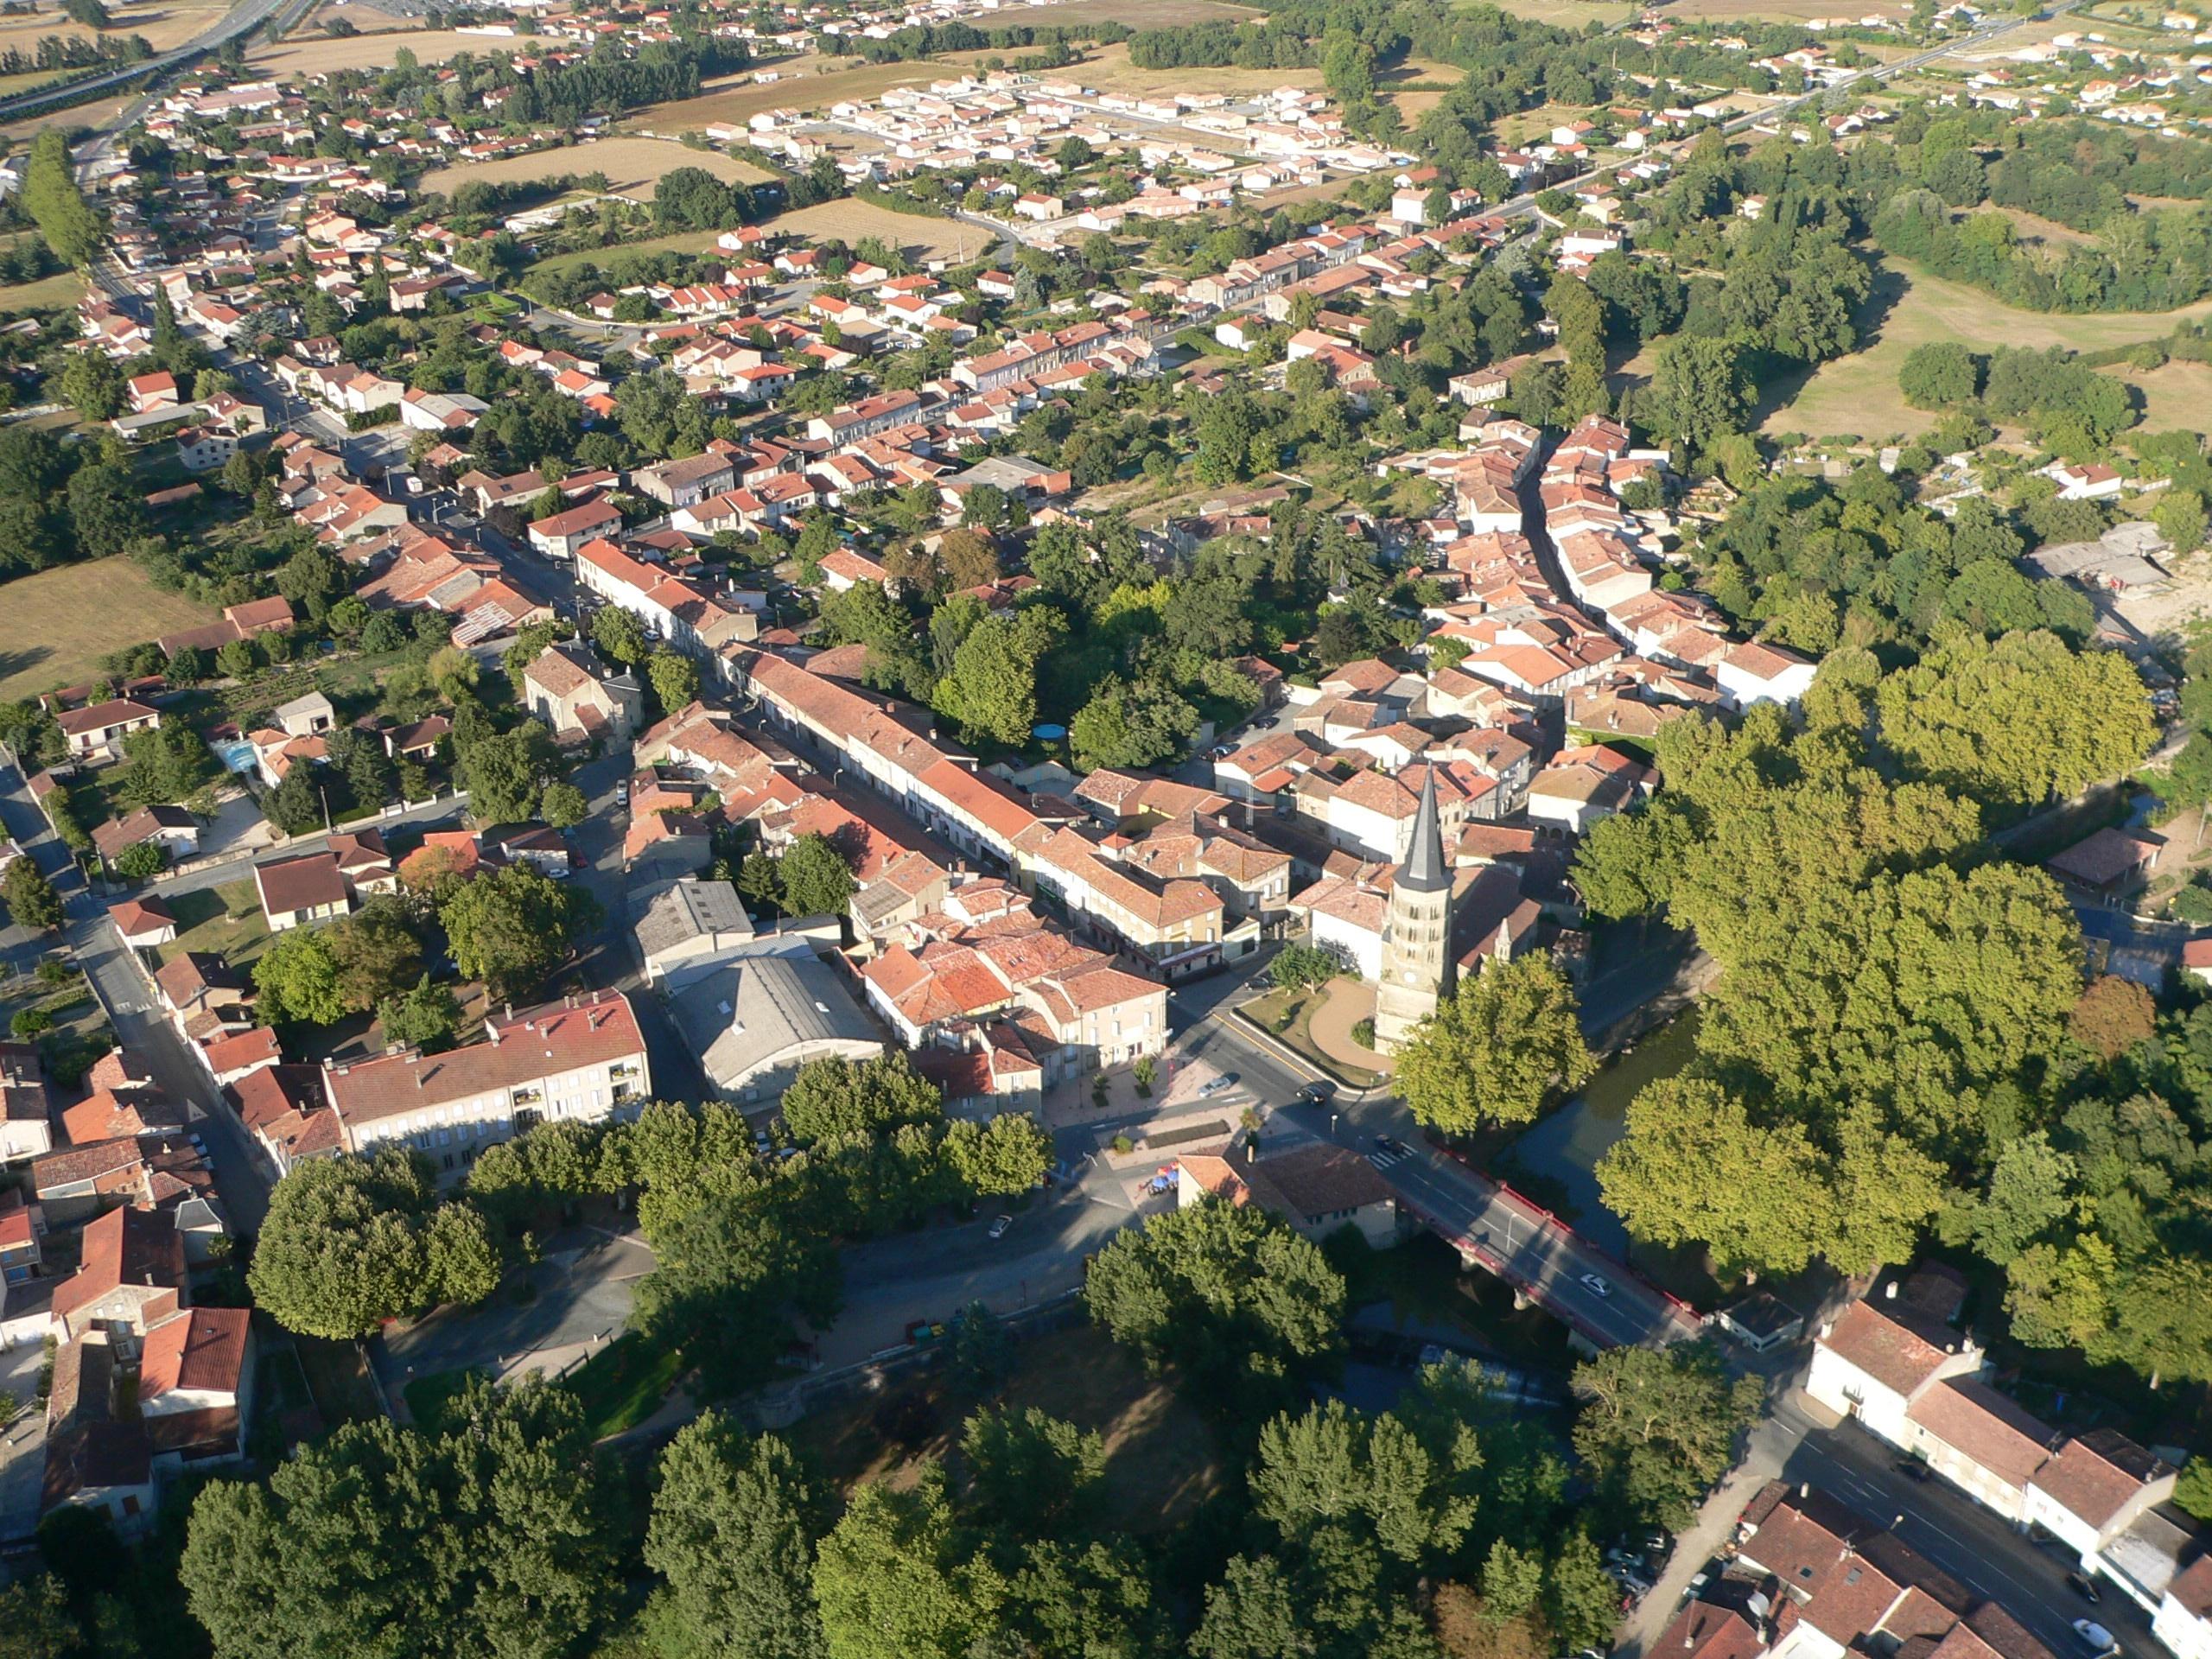 Mairie de Soual - Place de la Mairie